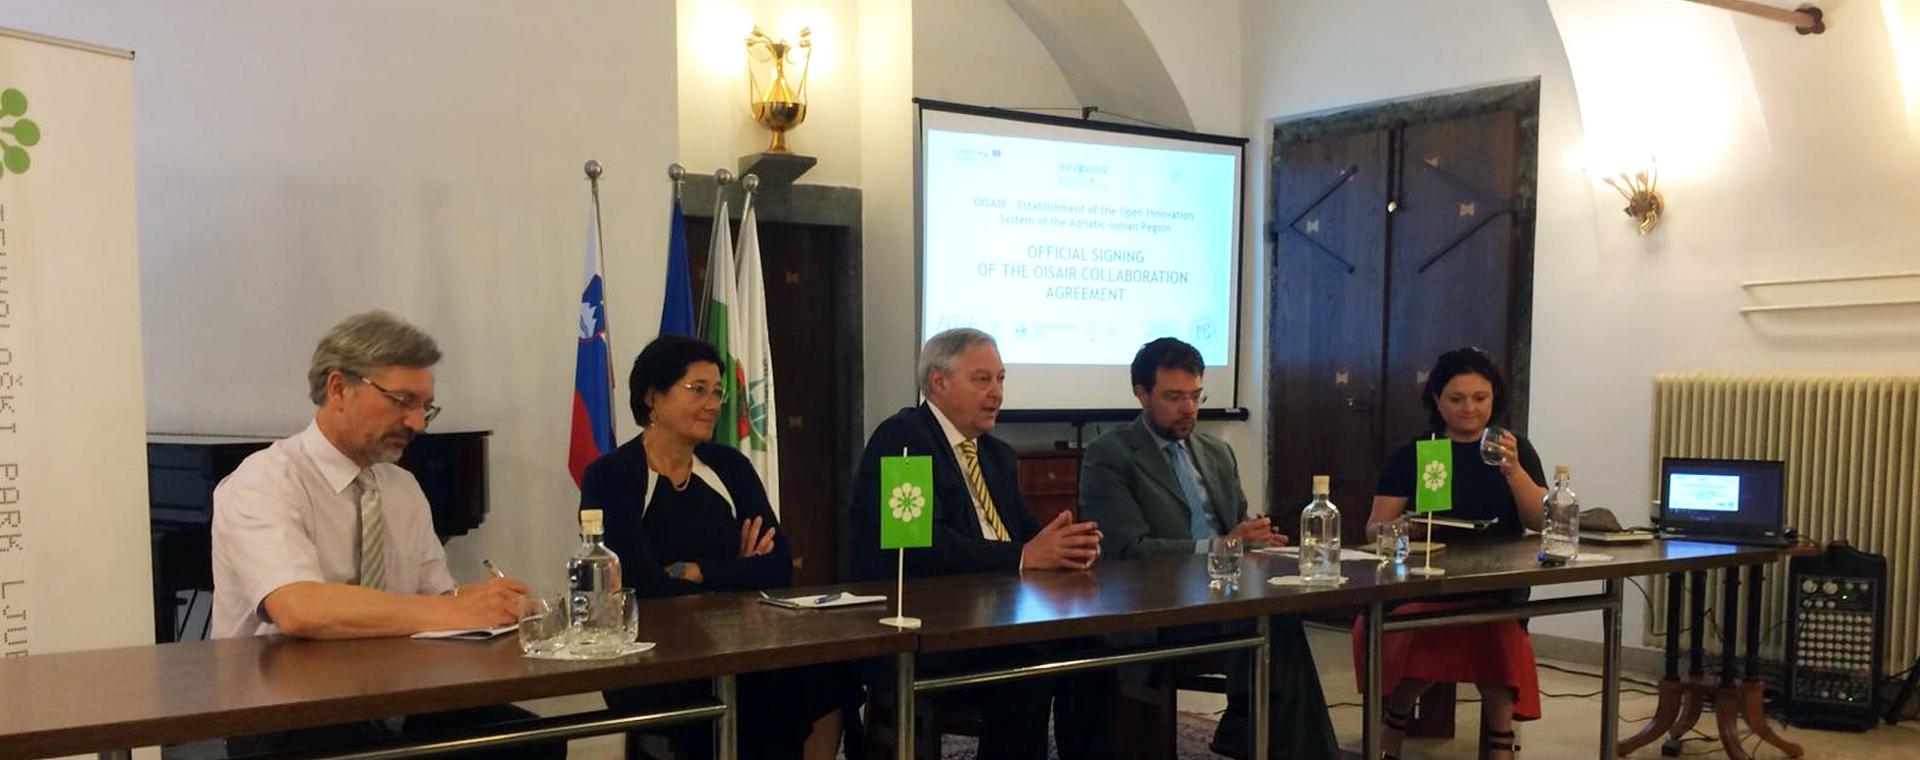 Siglato accordo di collaborazione tra i partner di Ois Air per creare una rete permanente di centri per l'innovazione nell'area Adriatico-Ionica